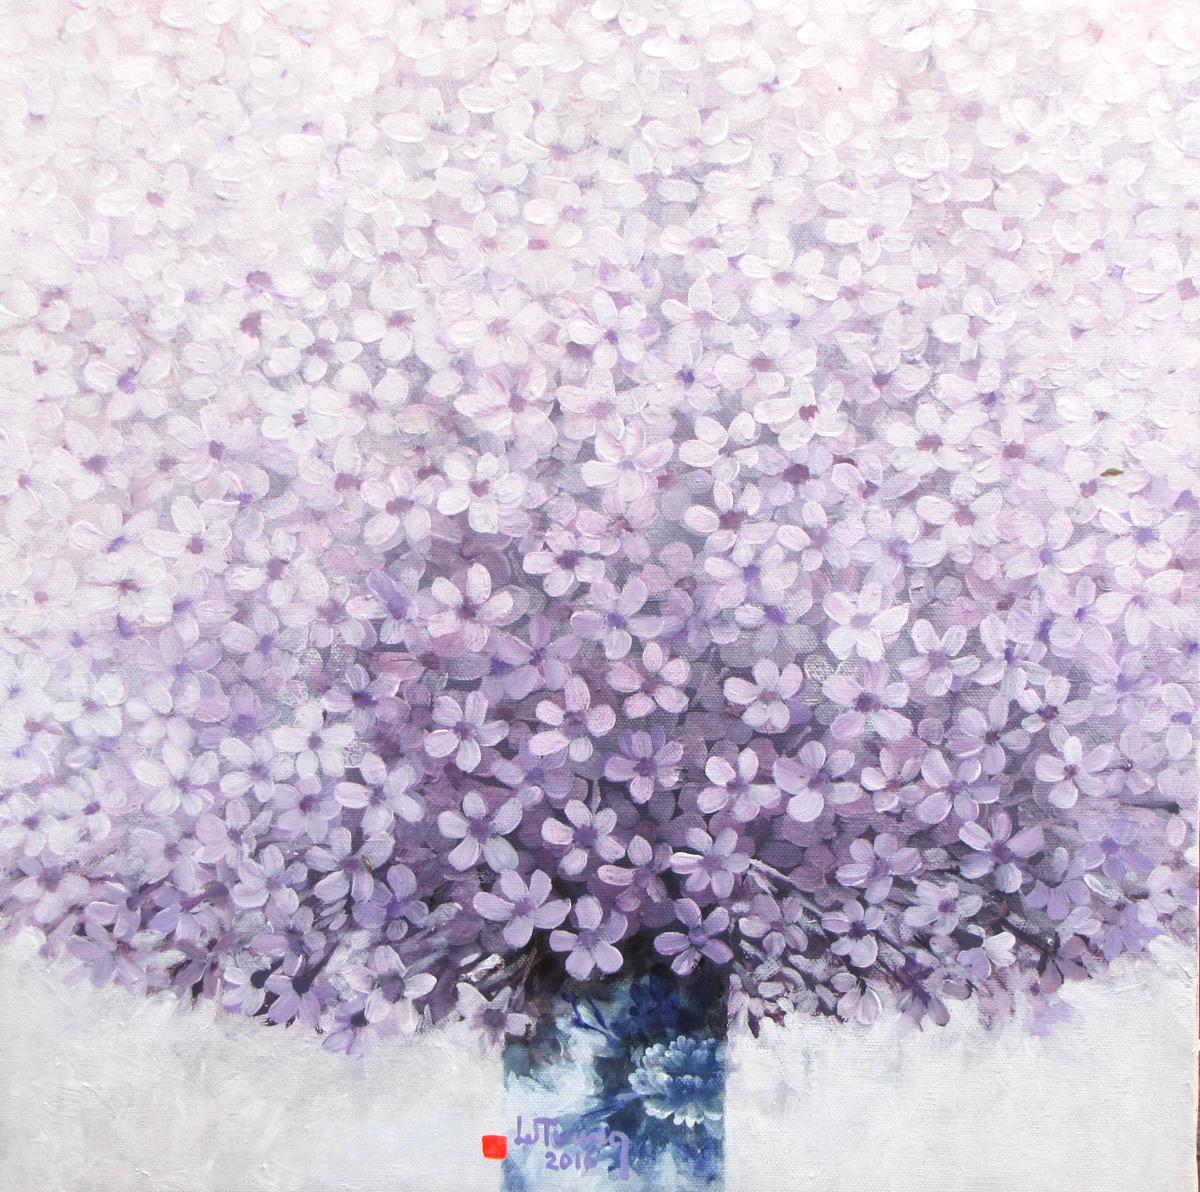 Vase of Purple Flowers - Vietnamese Paintings